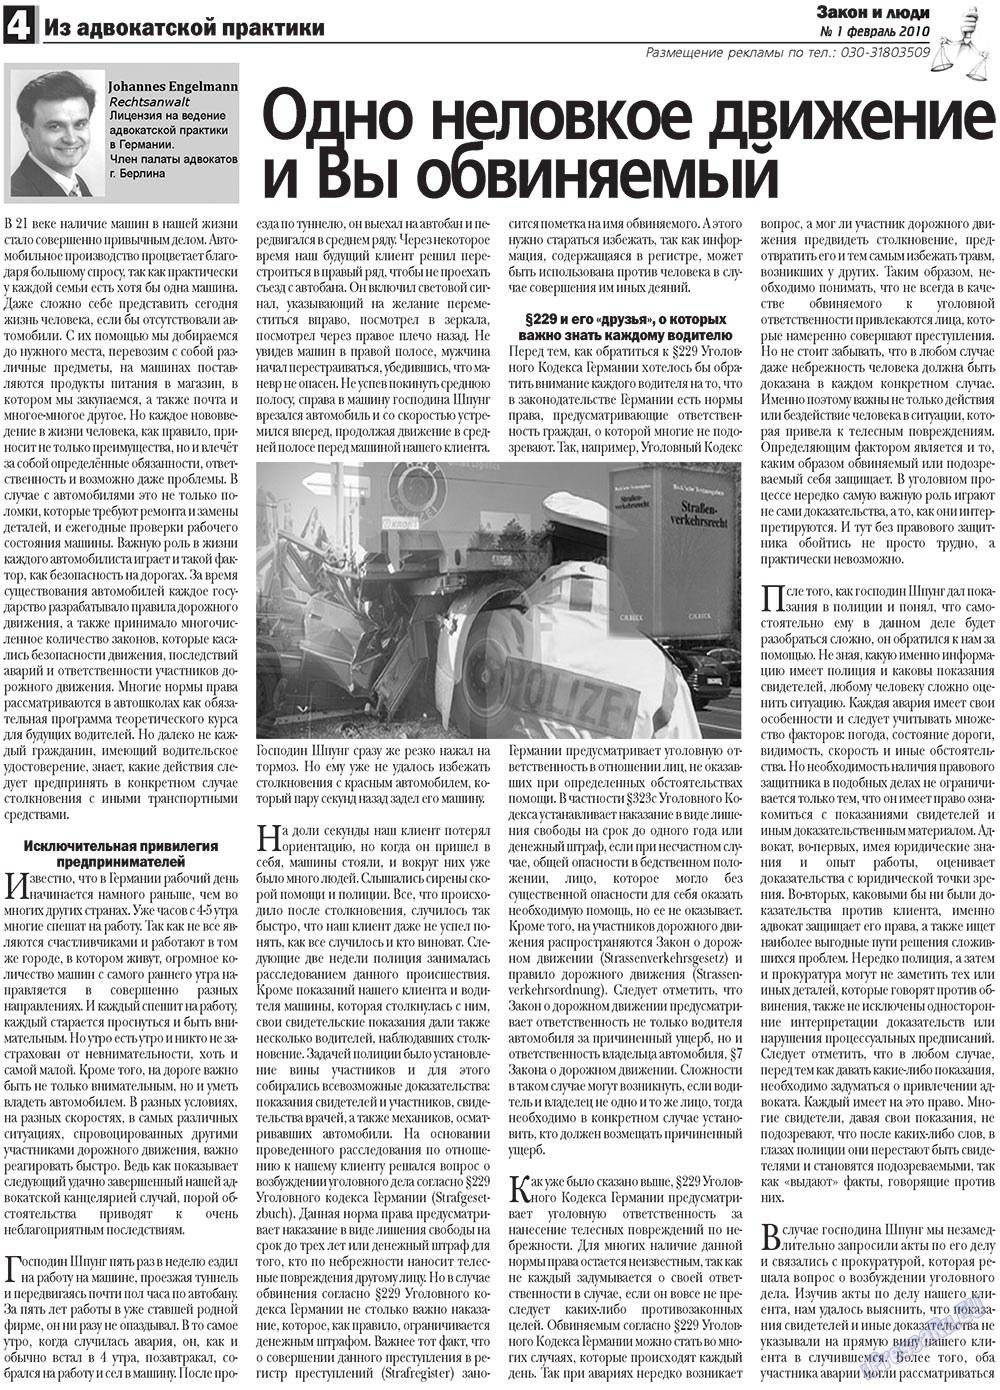 Закон и люди (газета). 2010 год, номер 1, стр. 4